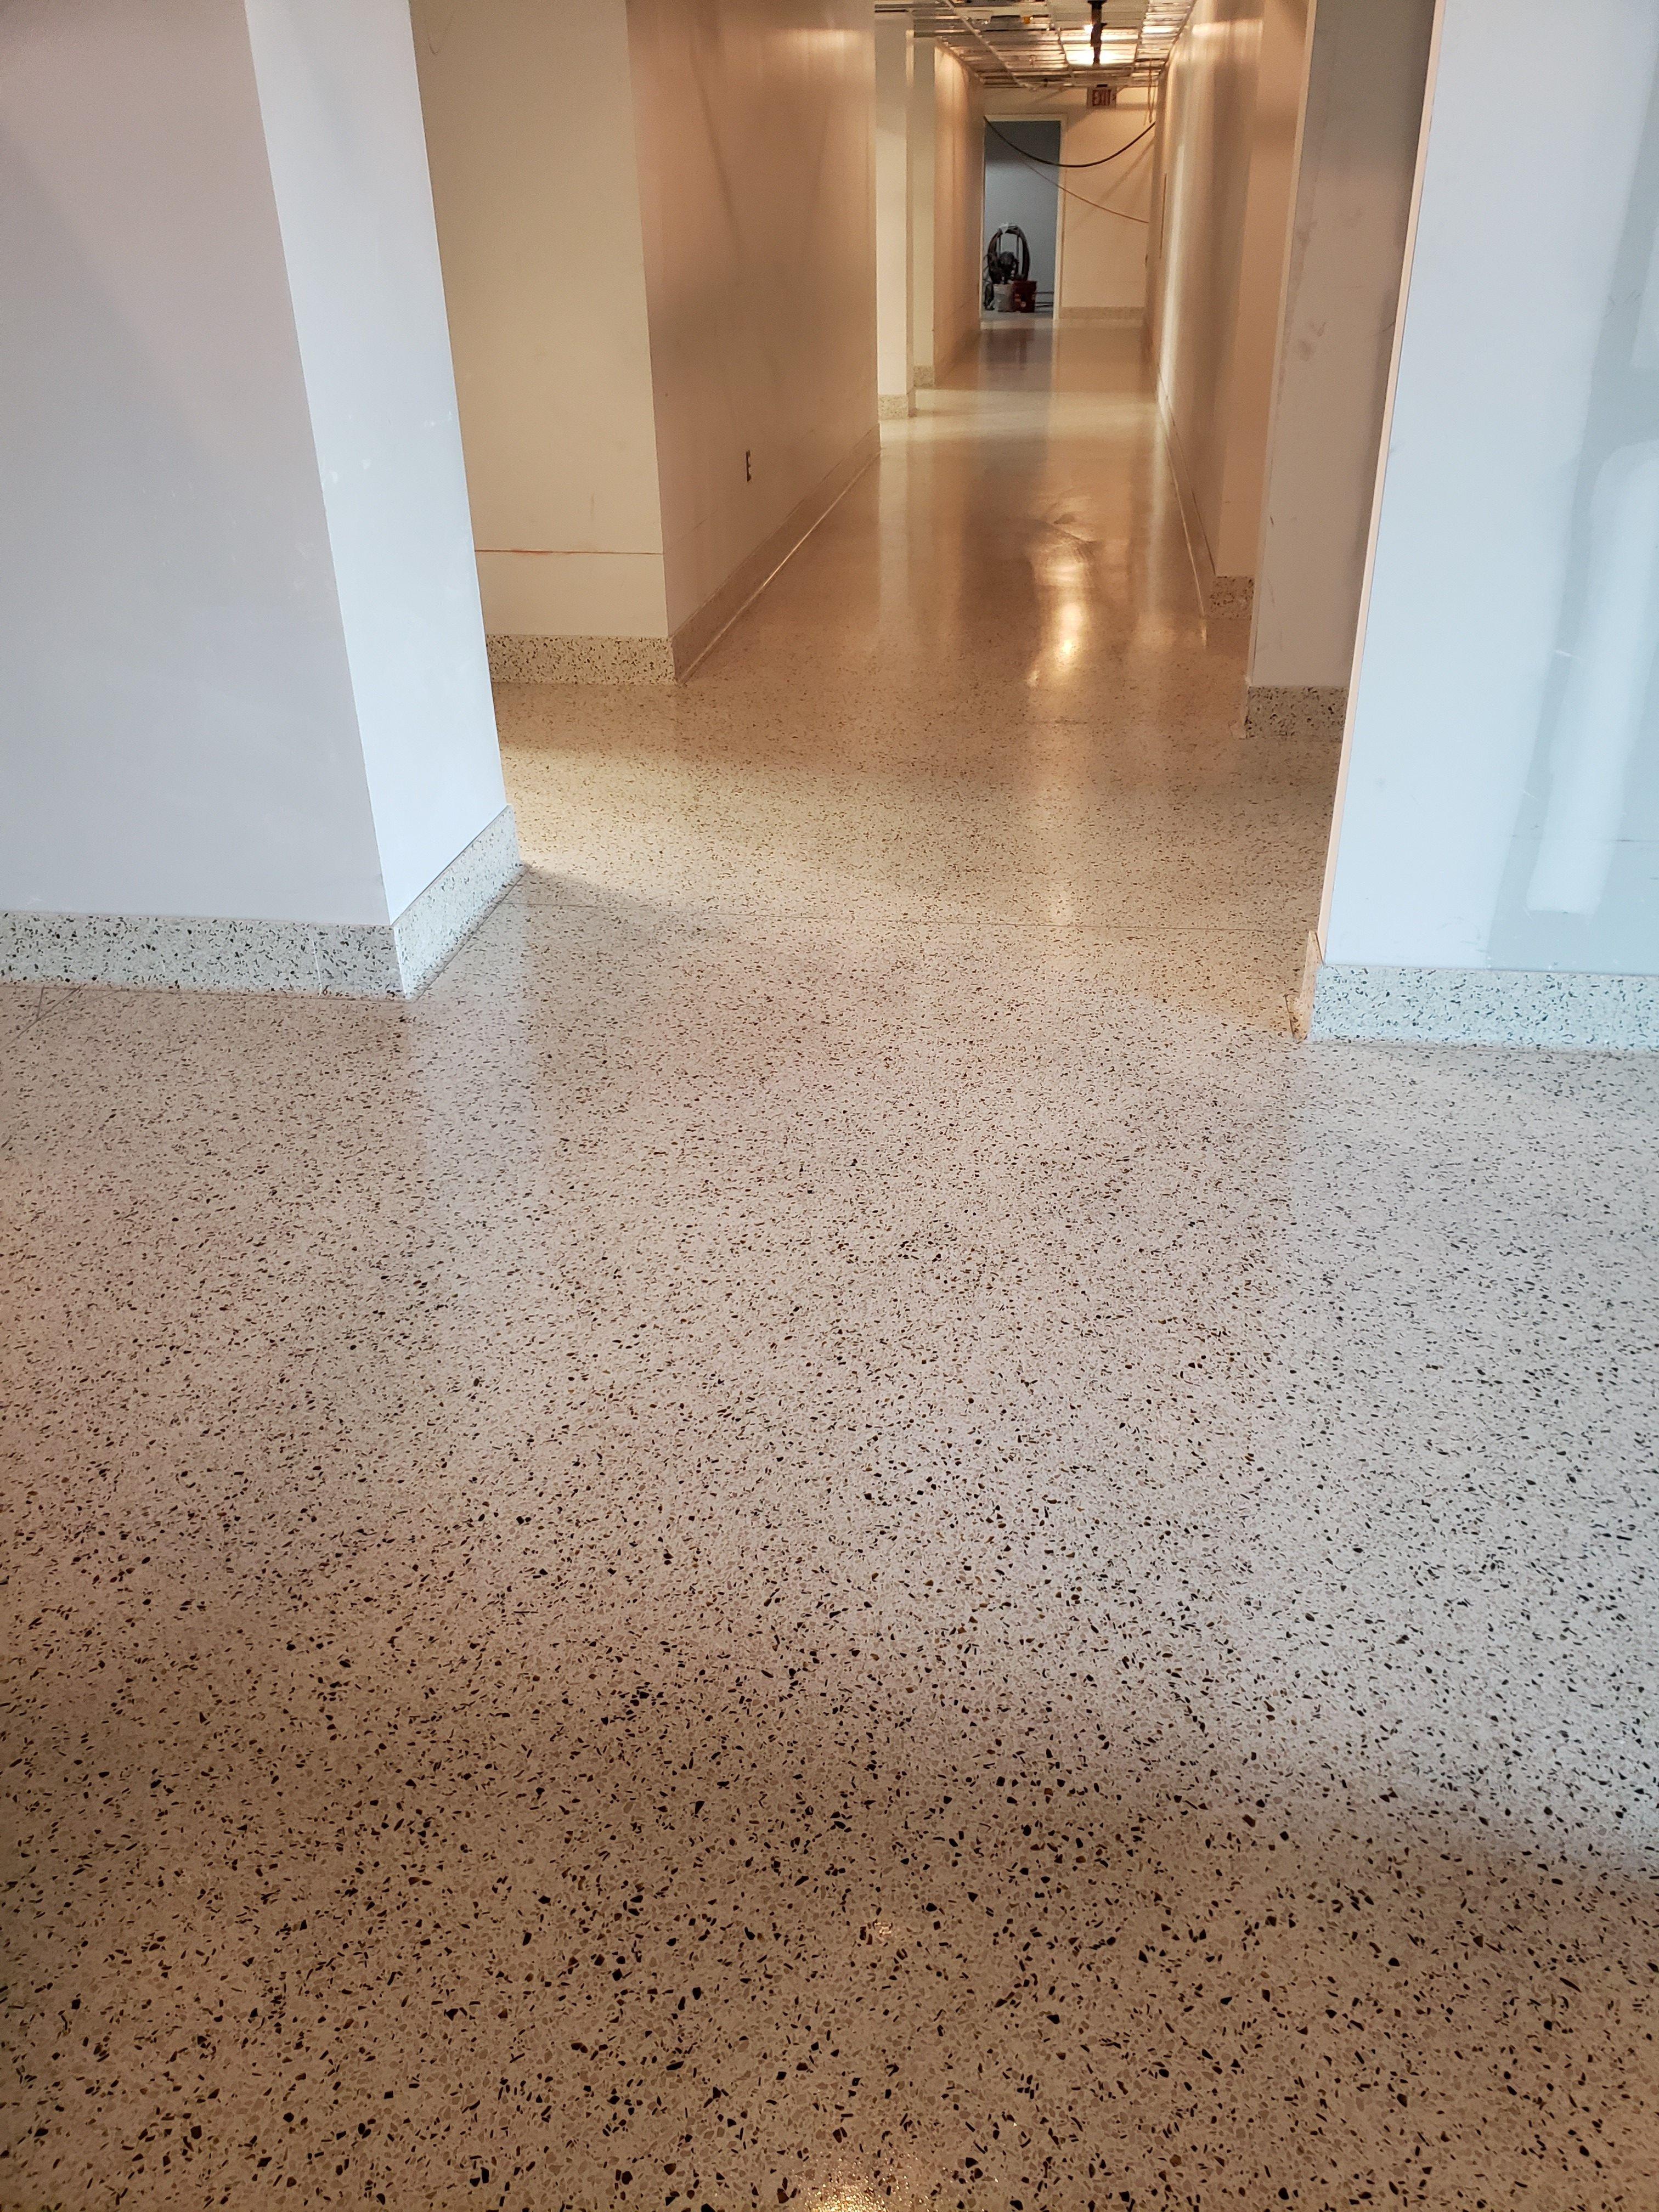 Terrazzo Flooring Installer in 2020 Terrazzo flooring